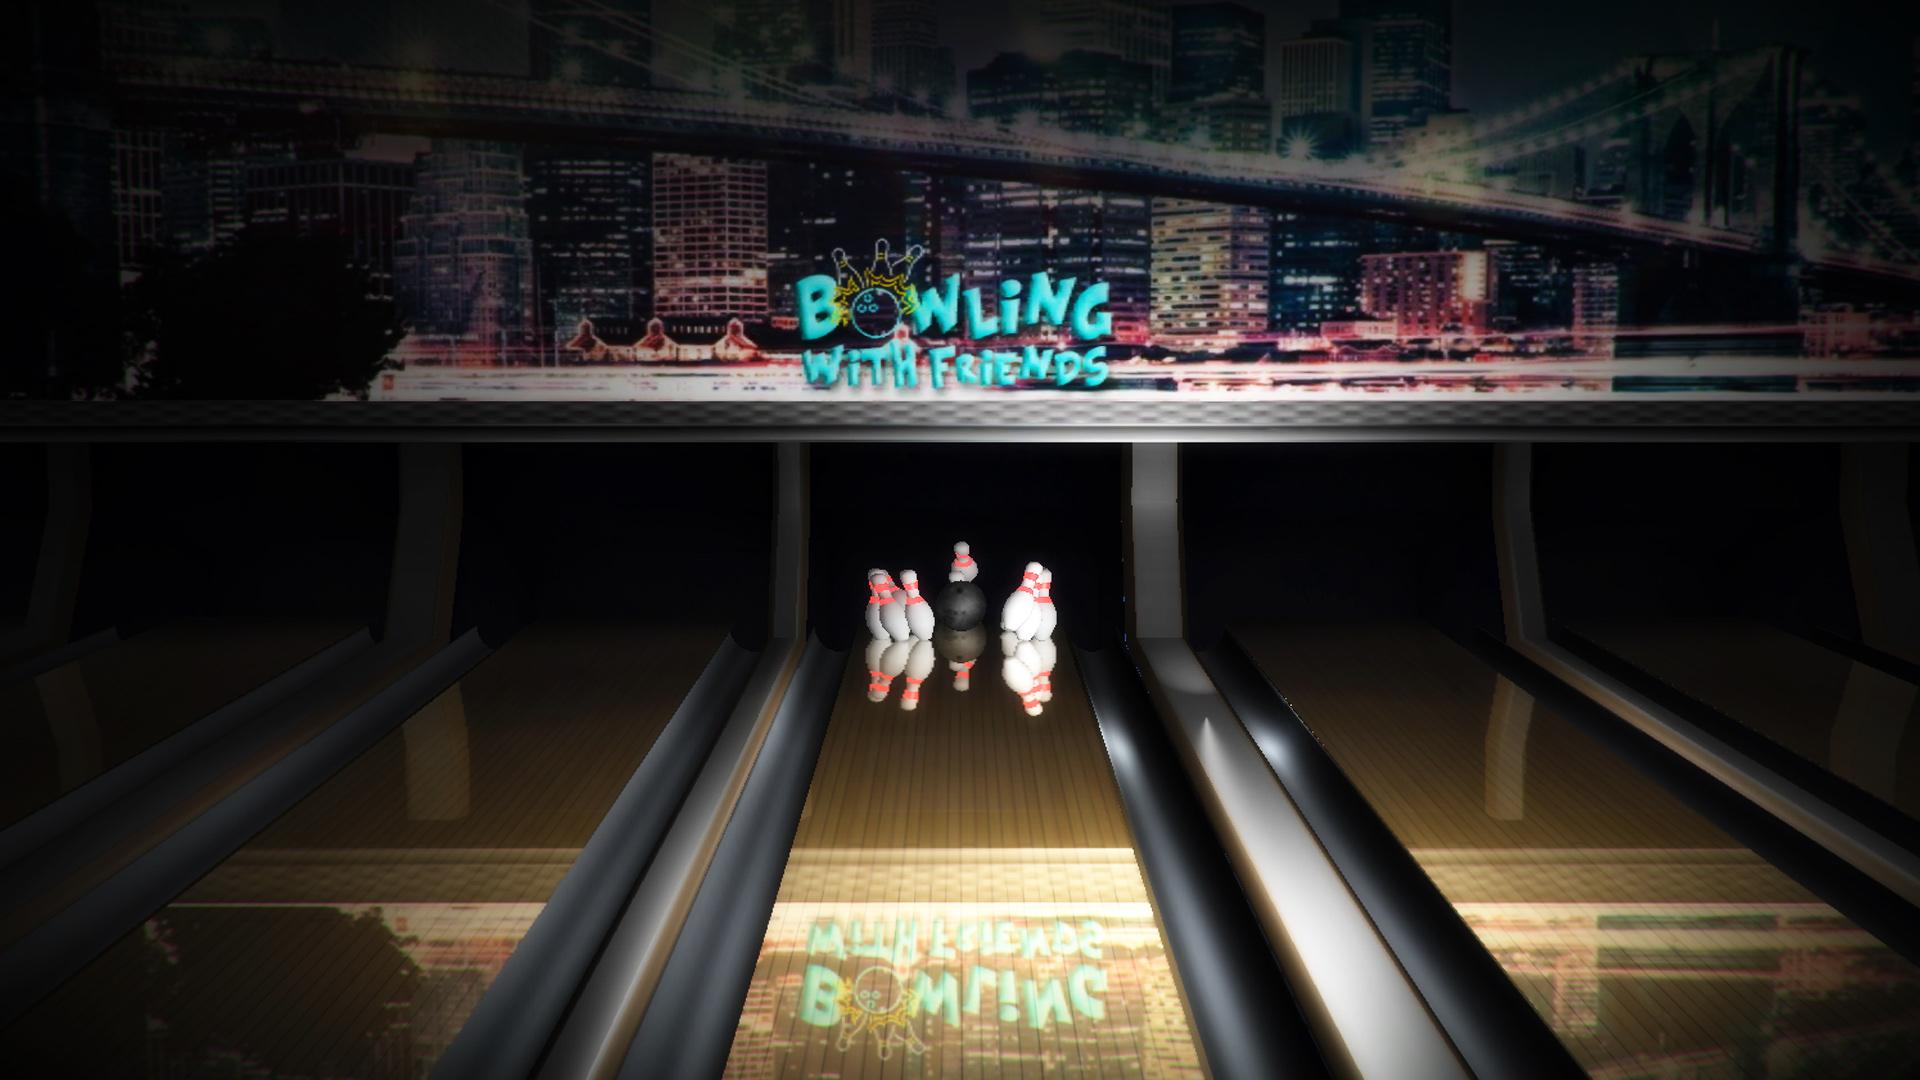 Bowling Pro 2016 — Ten Pin Multiplayer Strike screenshot 2